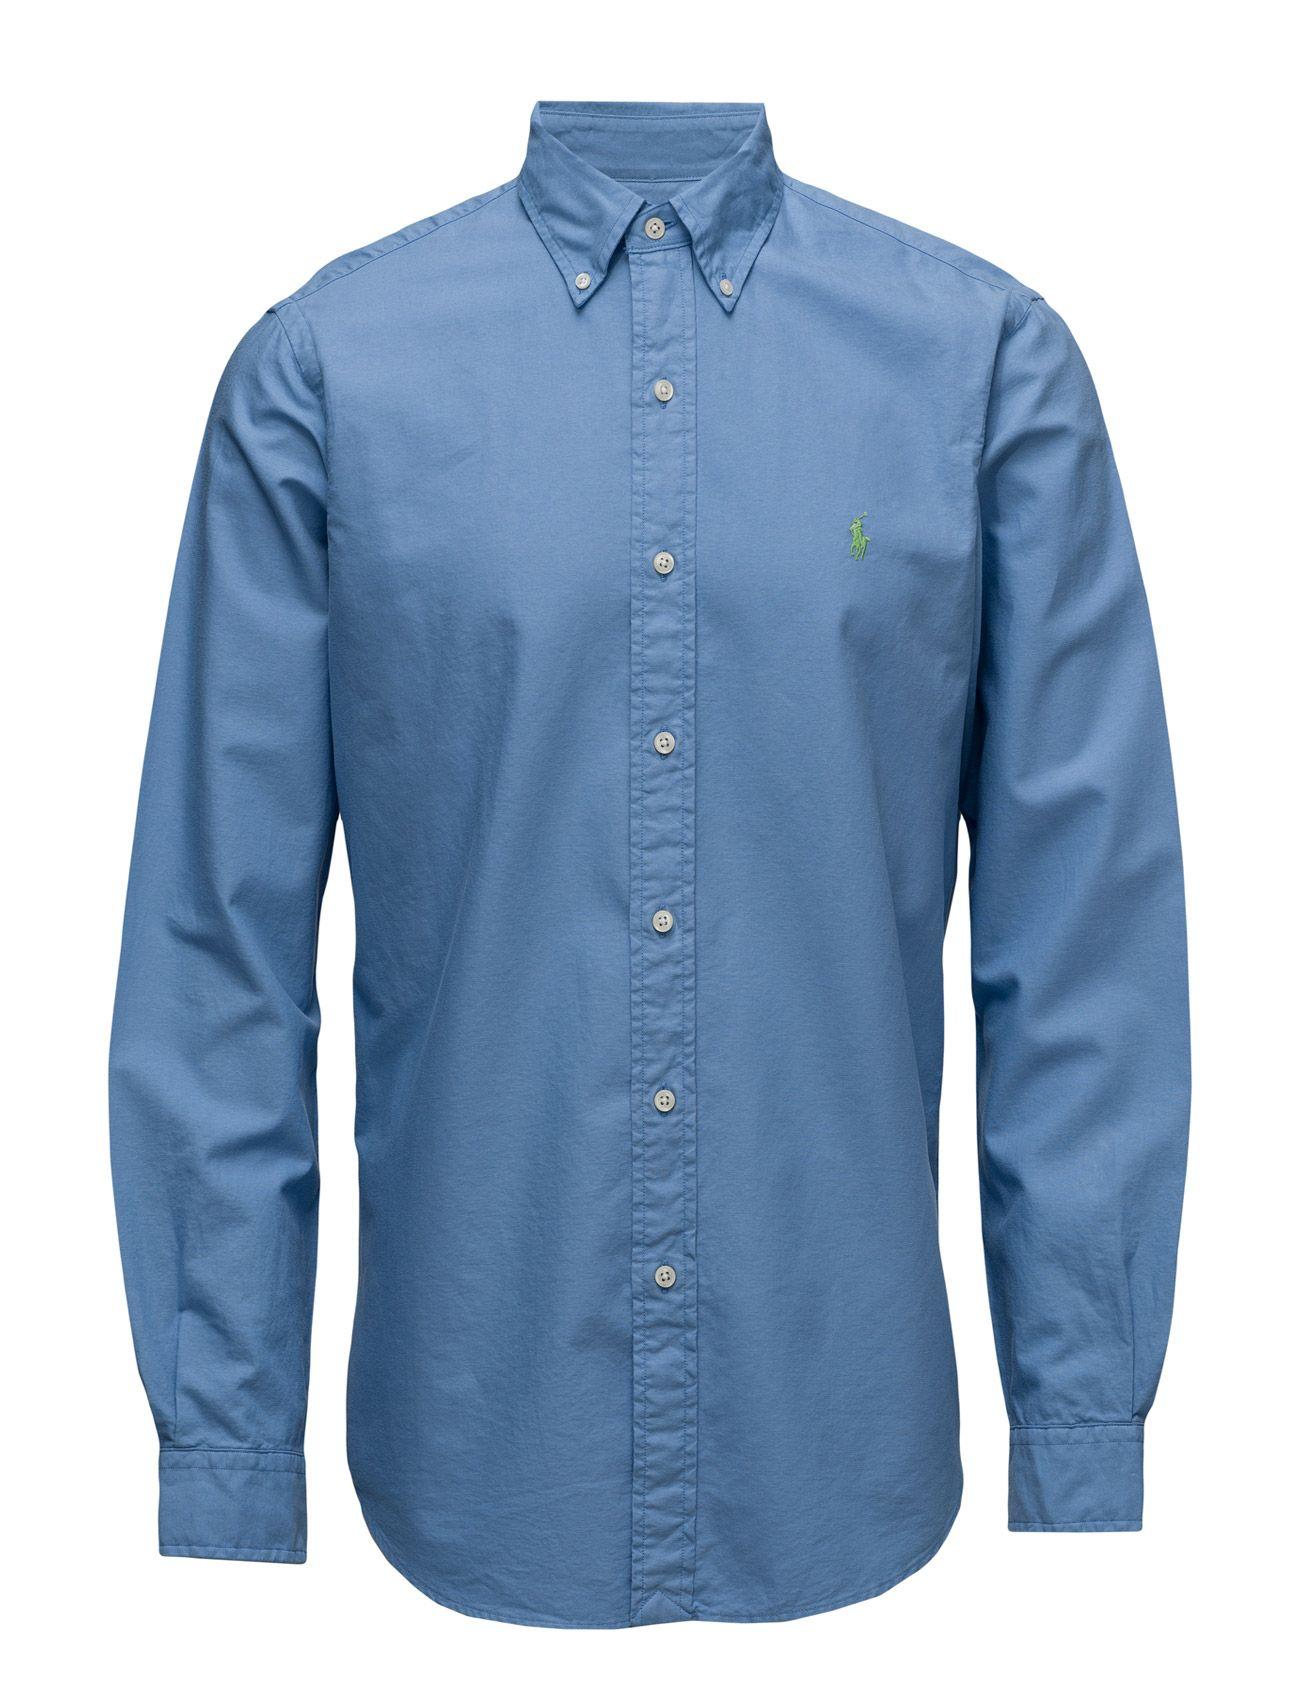 bf61d80e7 polo ralph lauren custom fit sport shirt - shirts harbor island b men tops  business